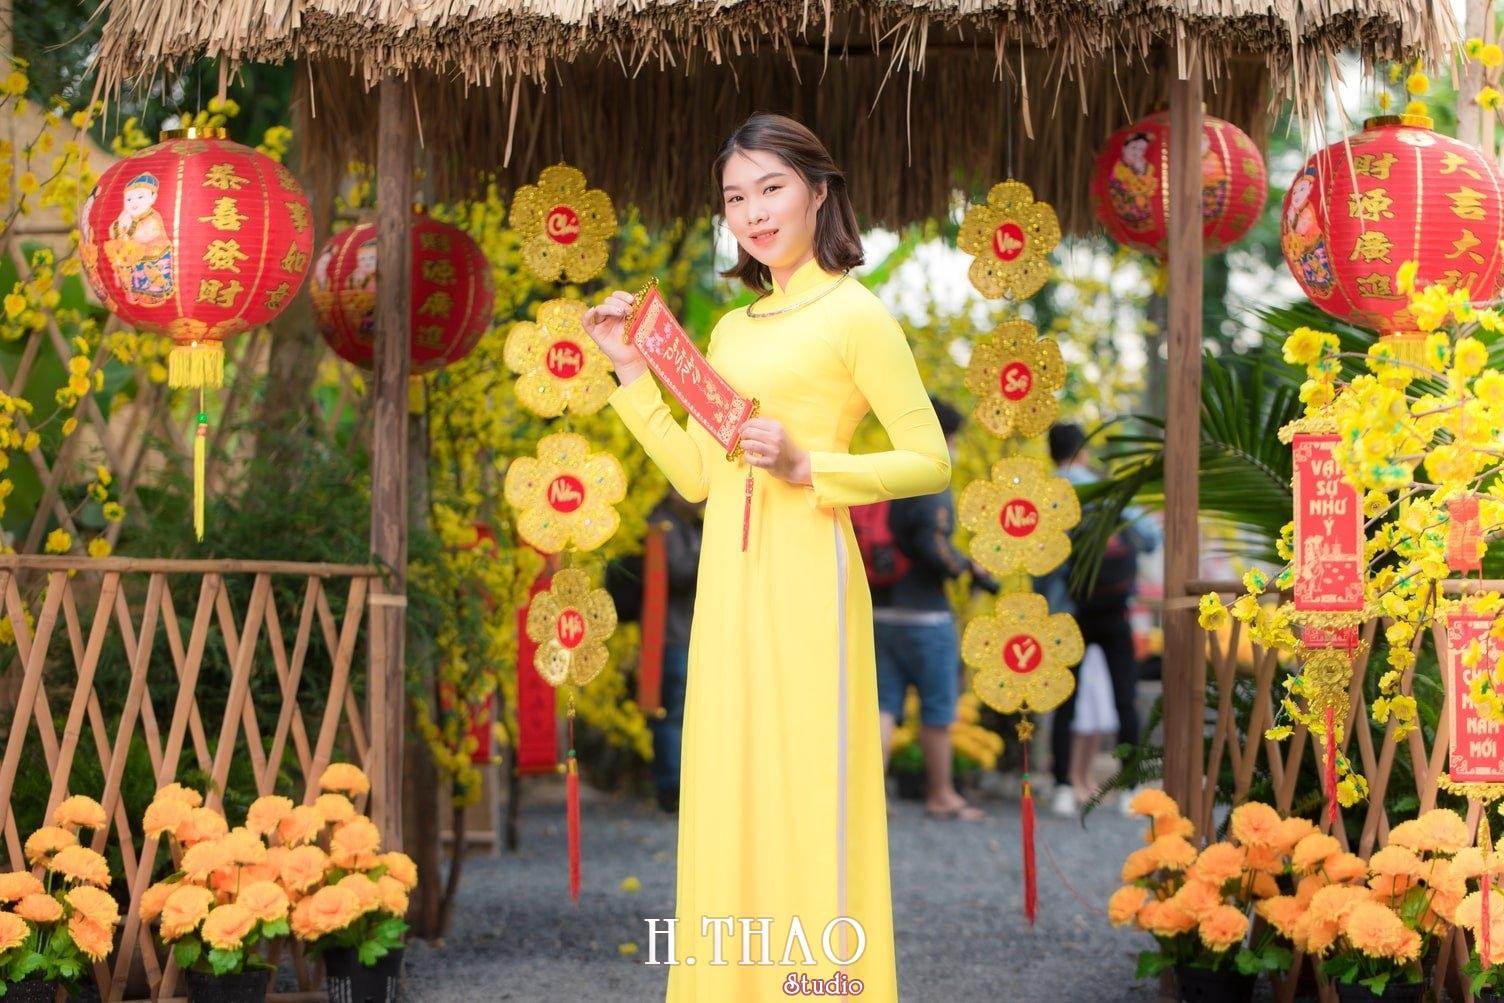 Ao dai tet 10 - Top 40 ảnh áo dài chụp với Hoa đào, hoa mai tết tuyệt đẹp- HThao Studio